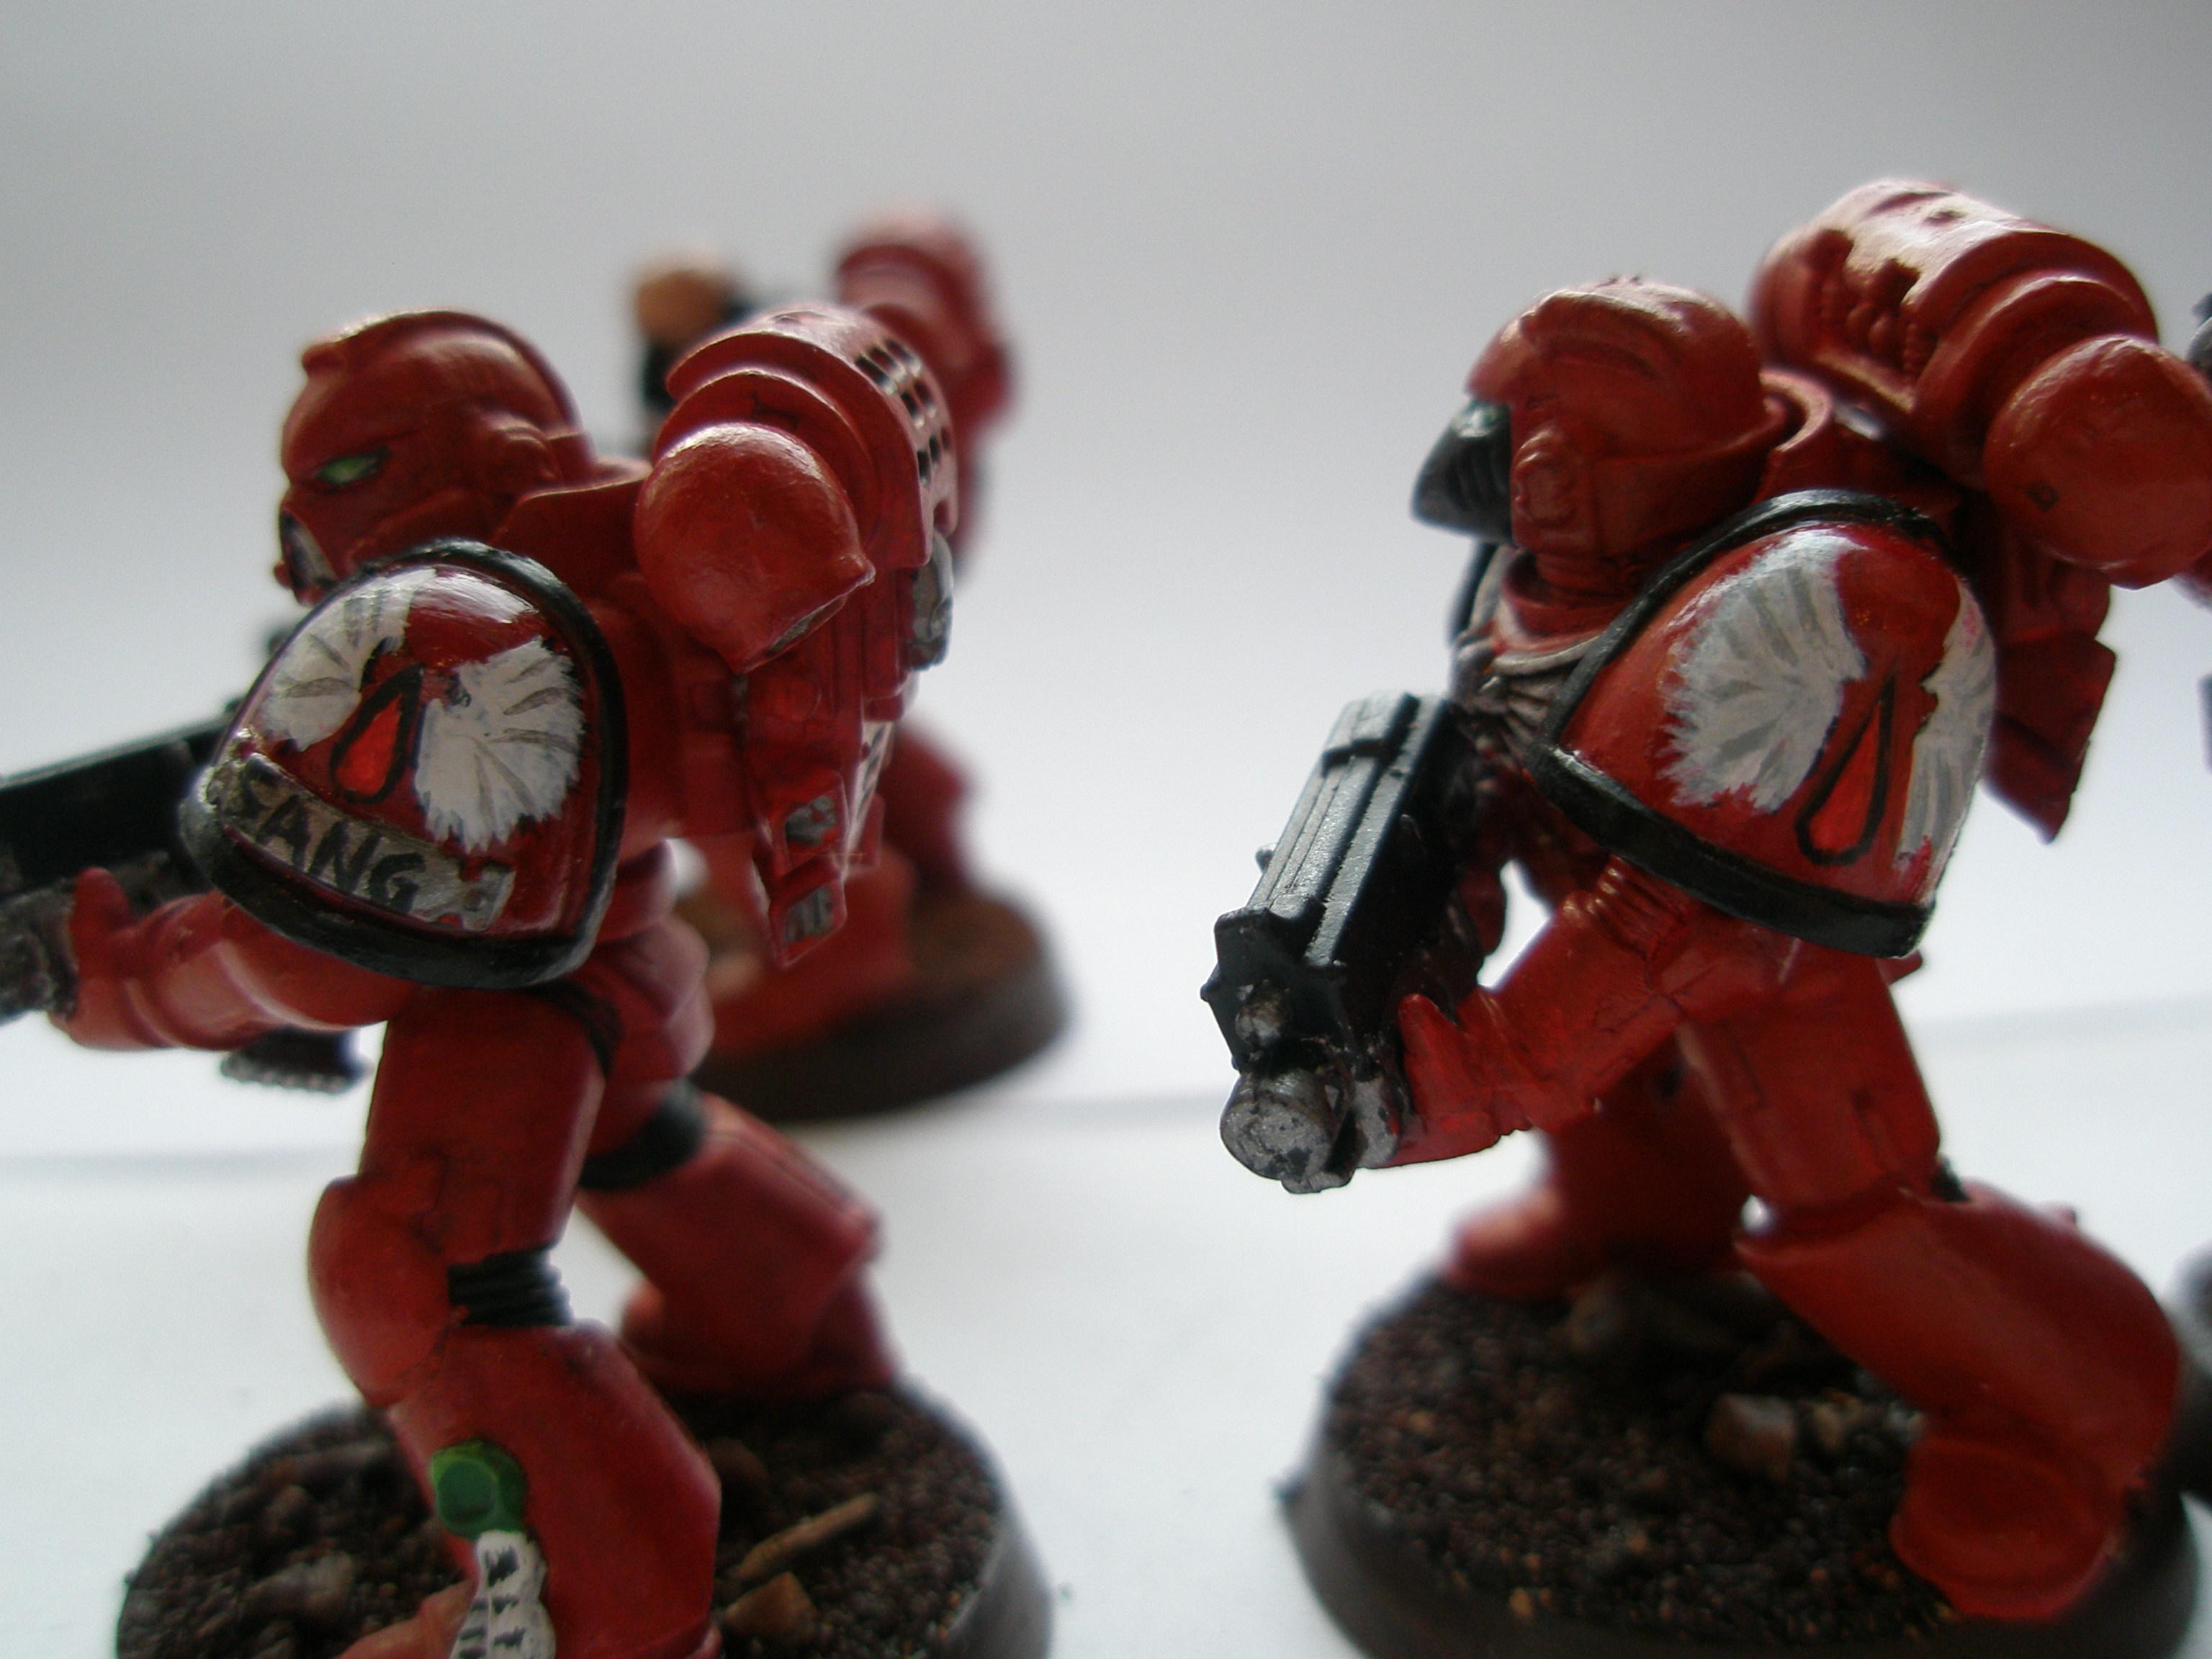 40 000, Angel, Blood, Space, Space Marines, Warhammer 40,000, Warhammer Fantasy